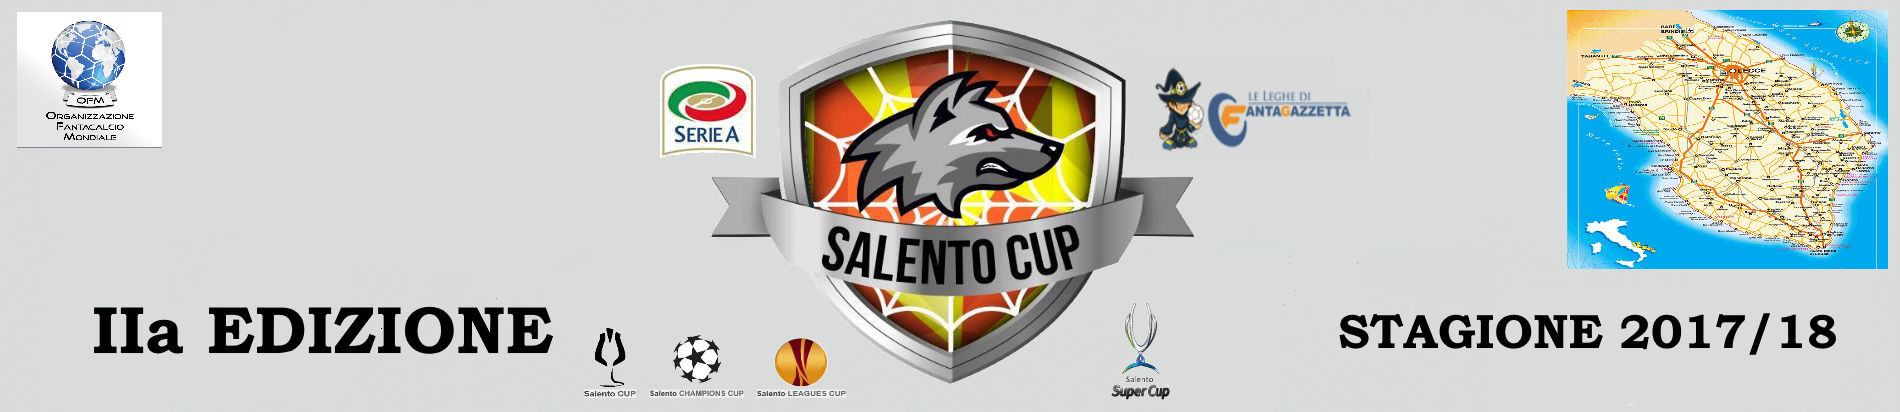 banner_salentocup 17-18